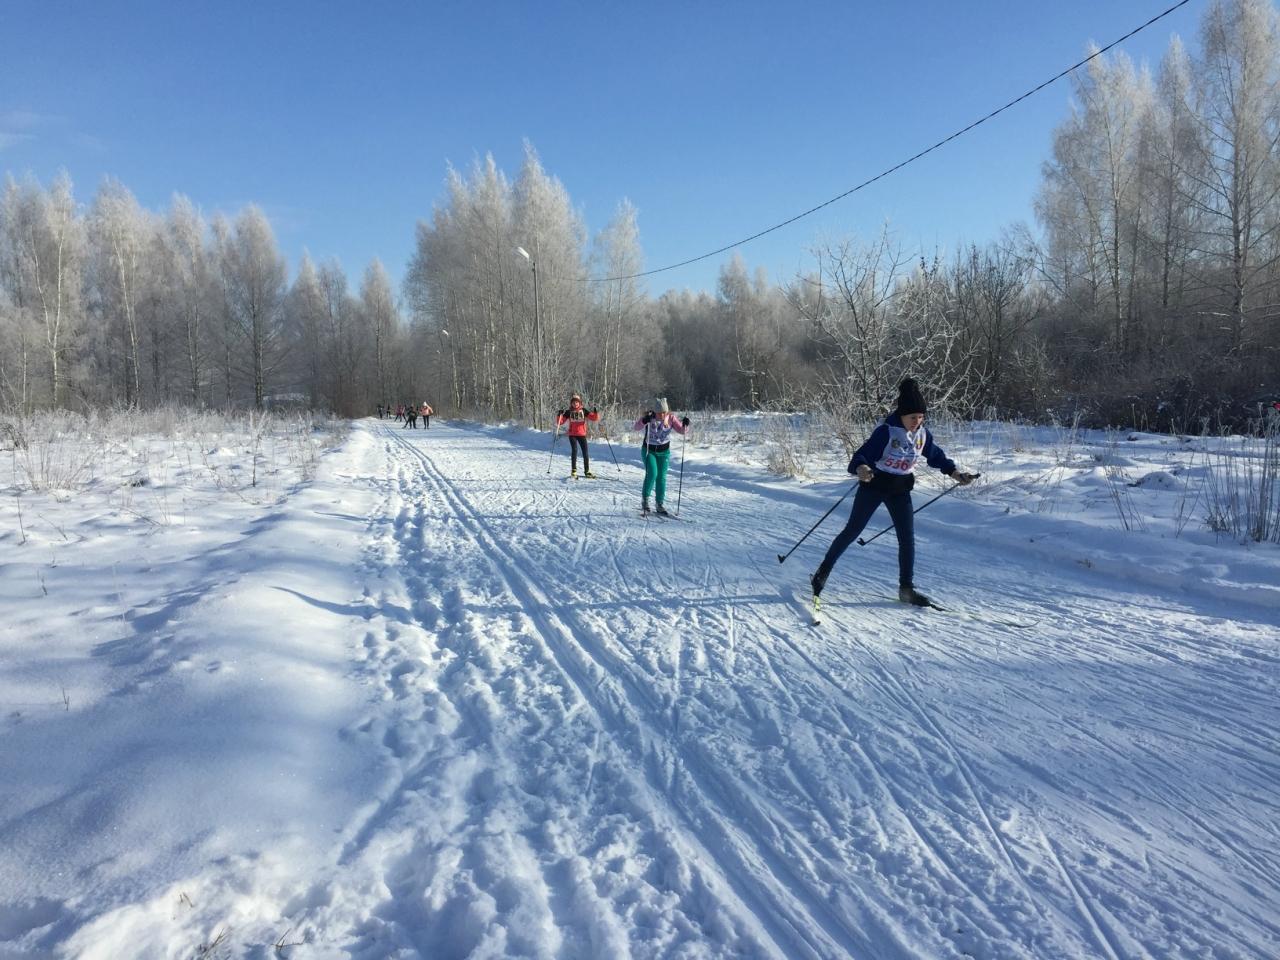 В г. Кораблино состоялось лично-командное первенство Кораблинского района по лыжным гонкам